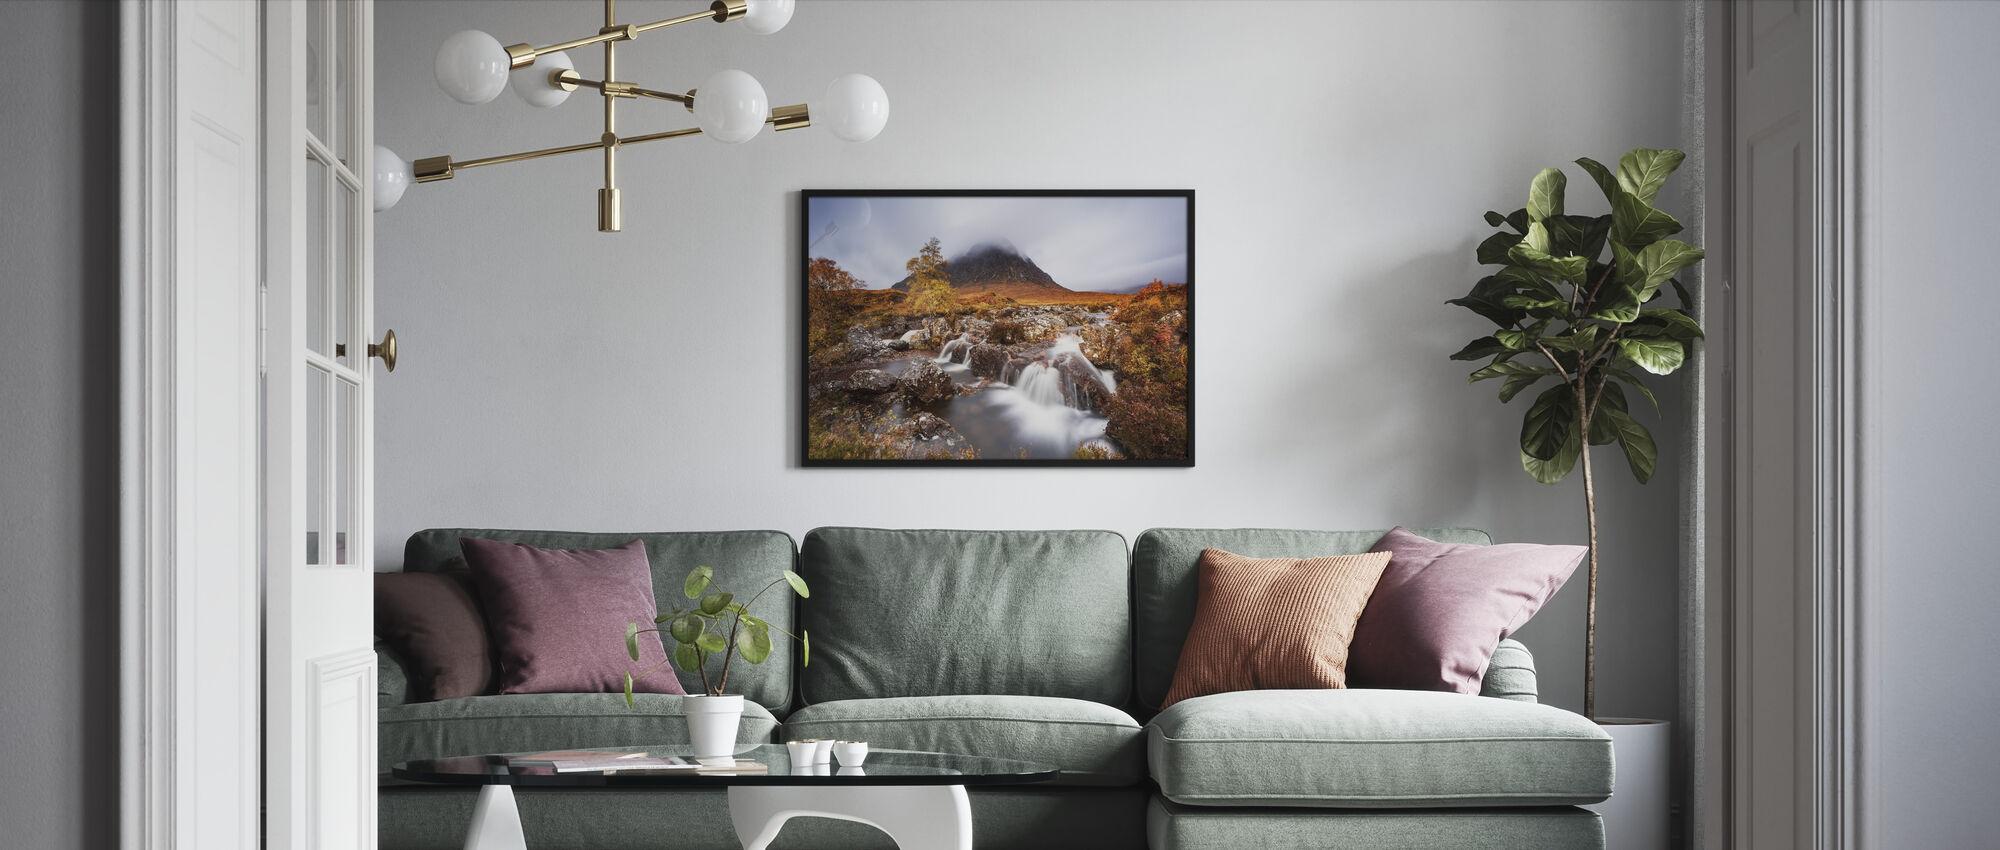 Autumn in the Glencoe - Framed print - Living Room